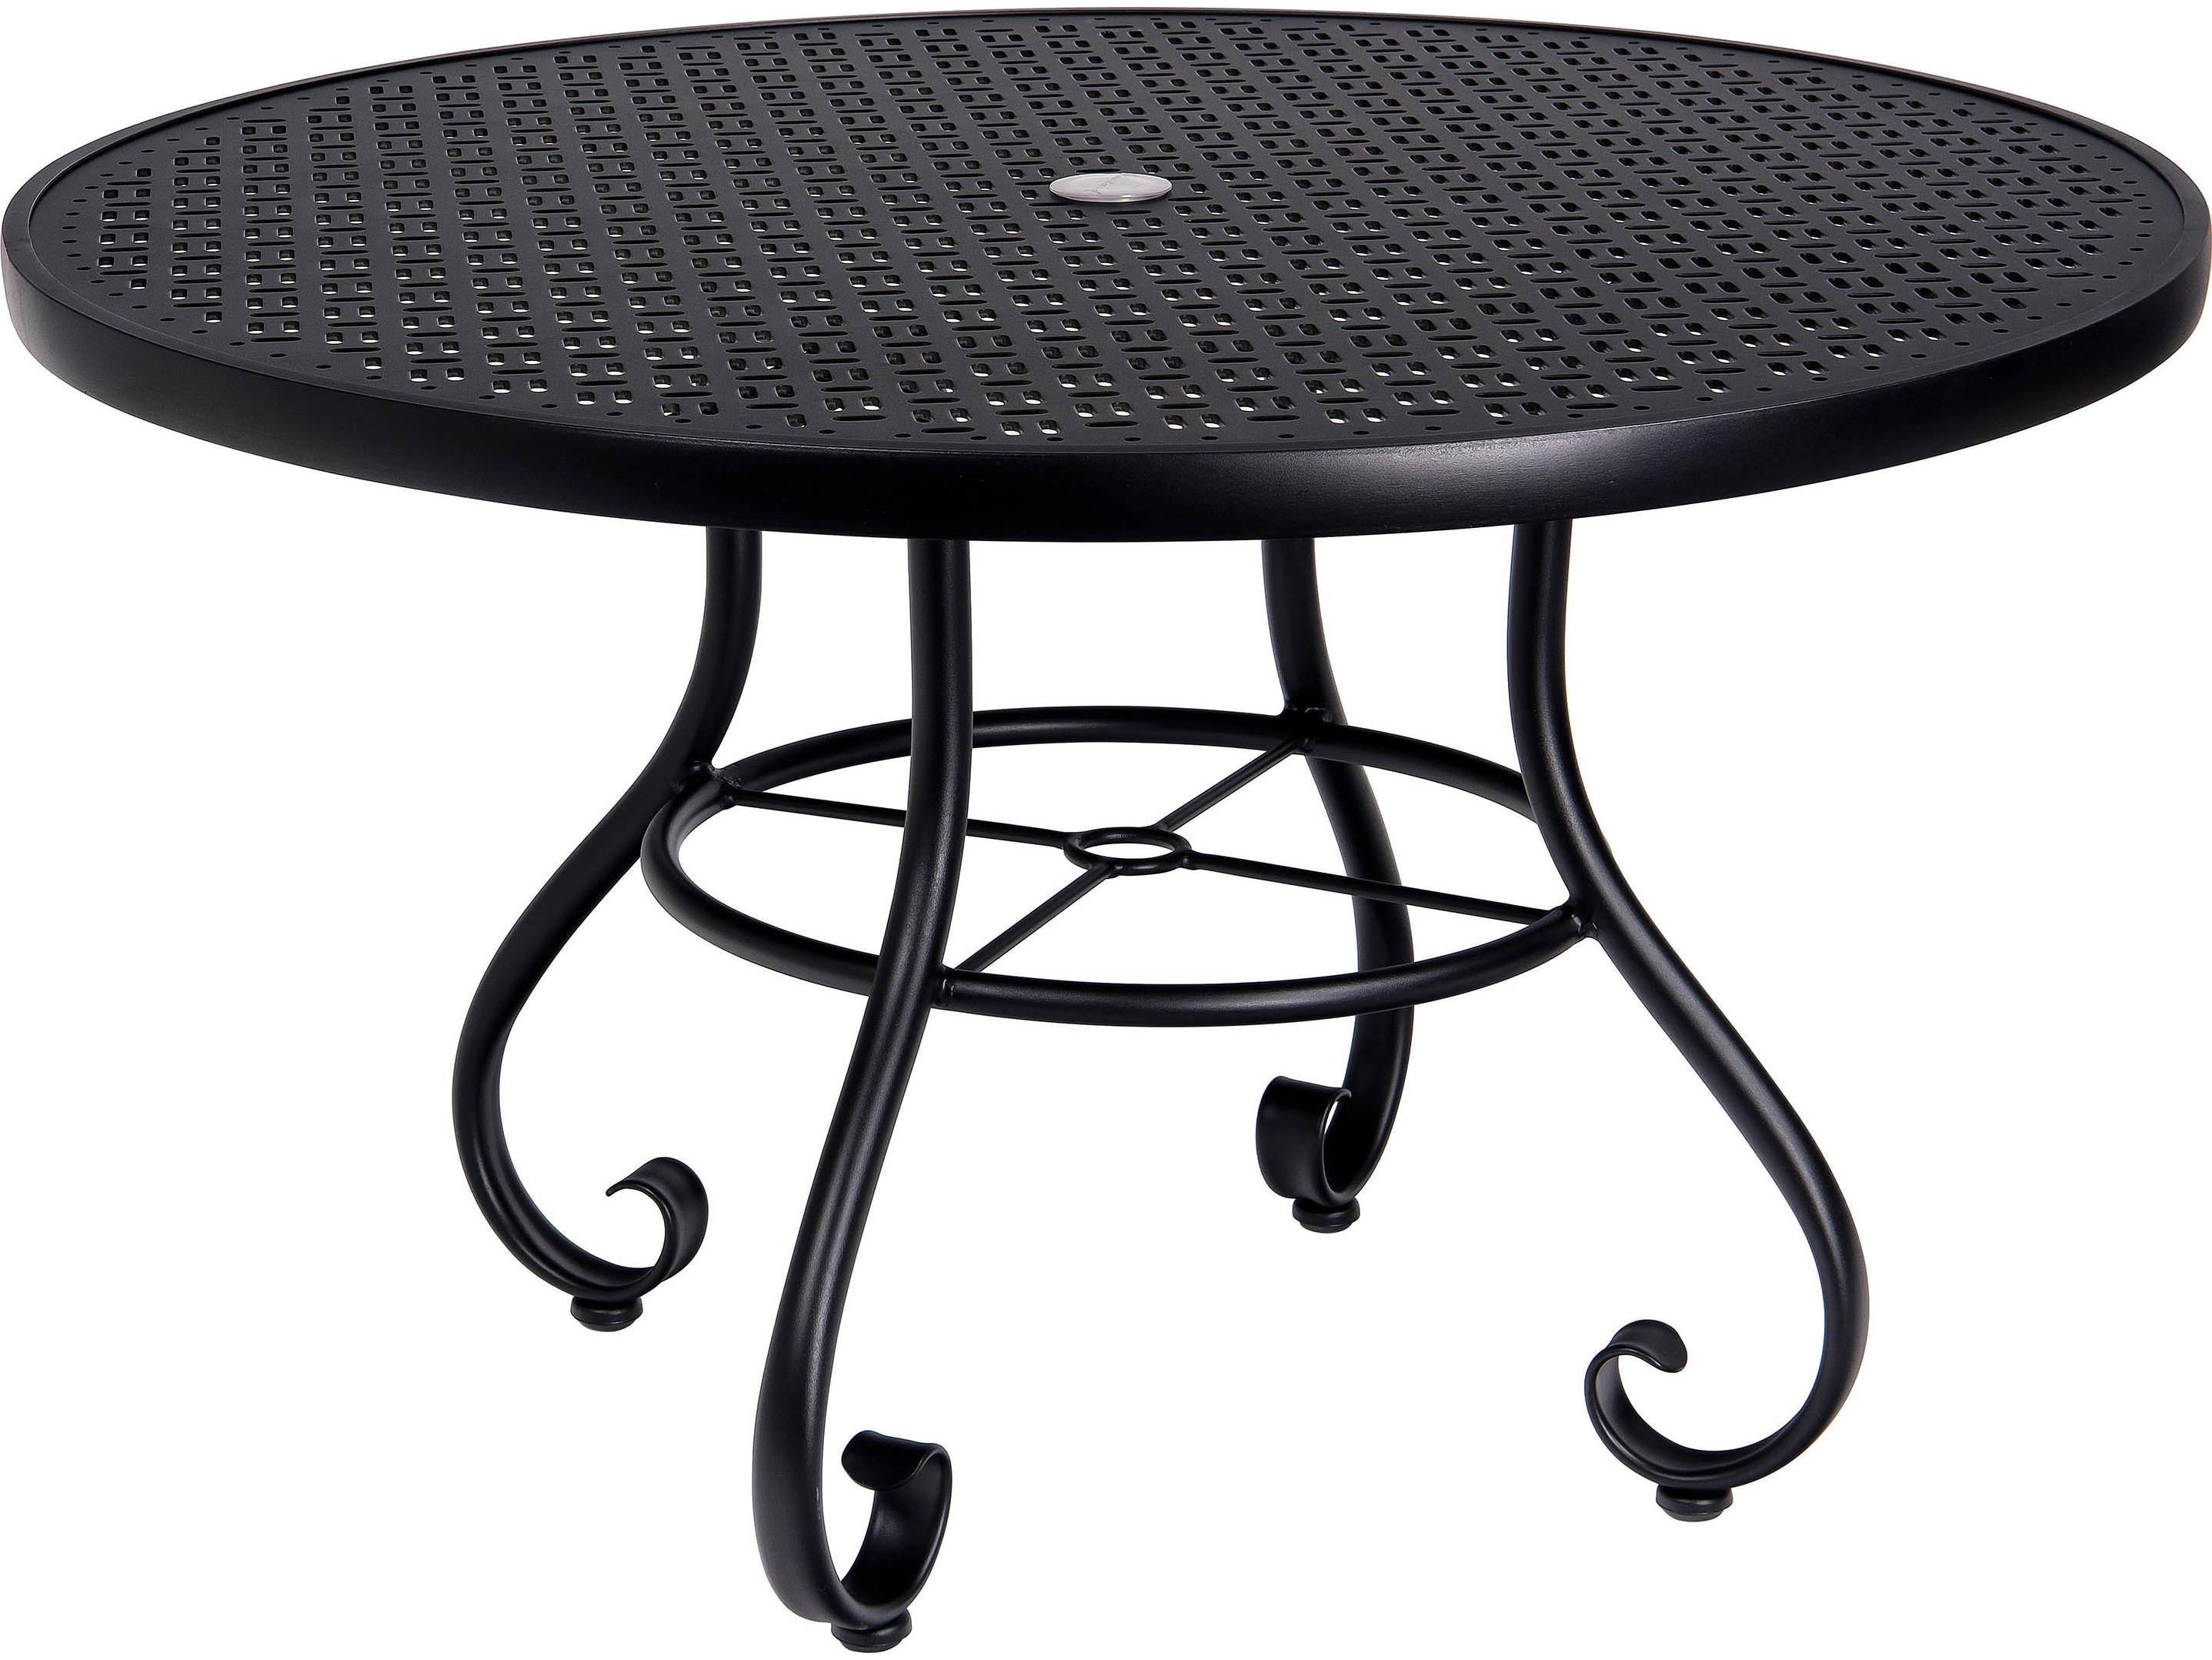 Woodard ramsgate aluminum 48 round lattice top table with - Aluminium picnic table with umbrella ...